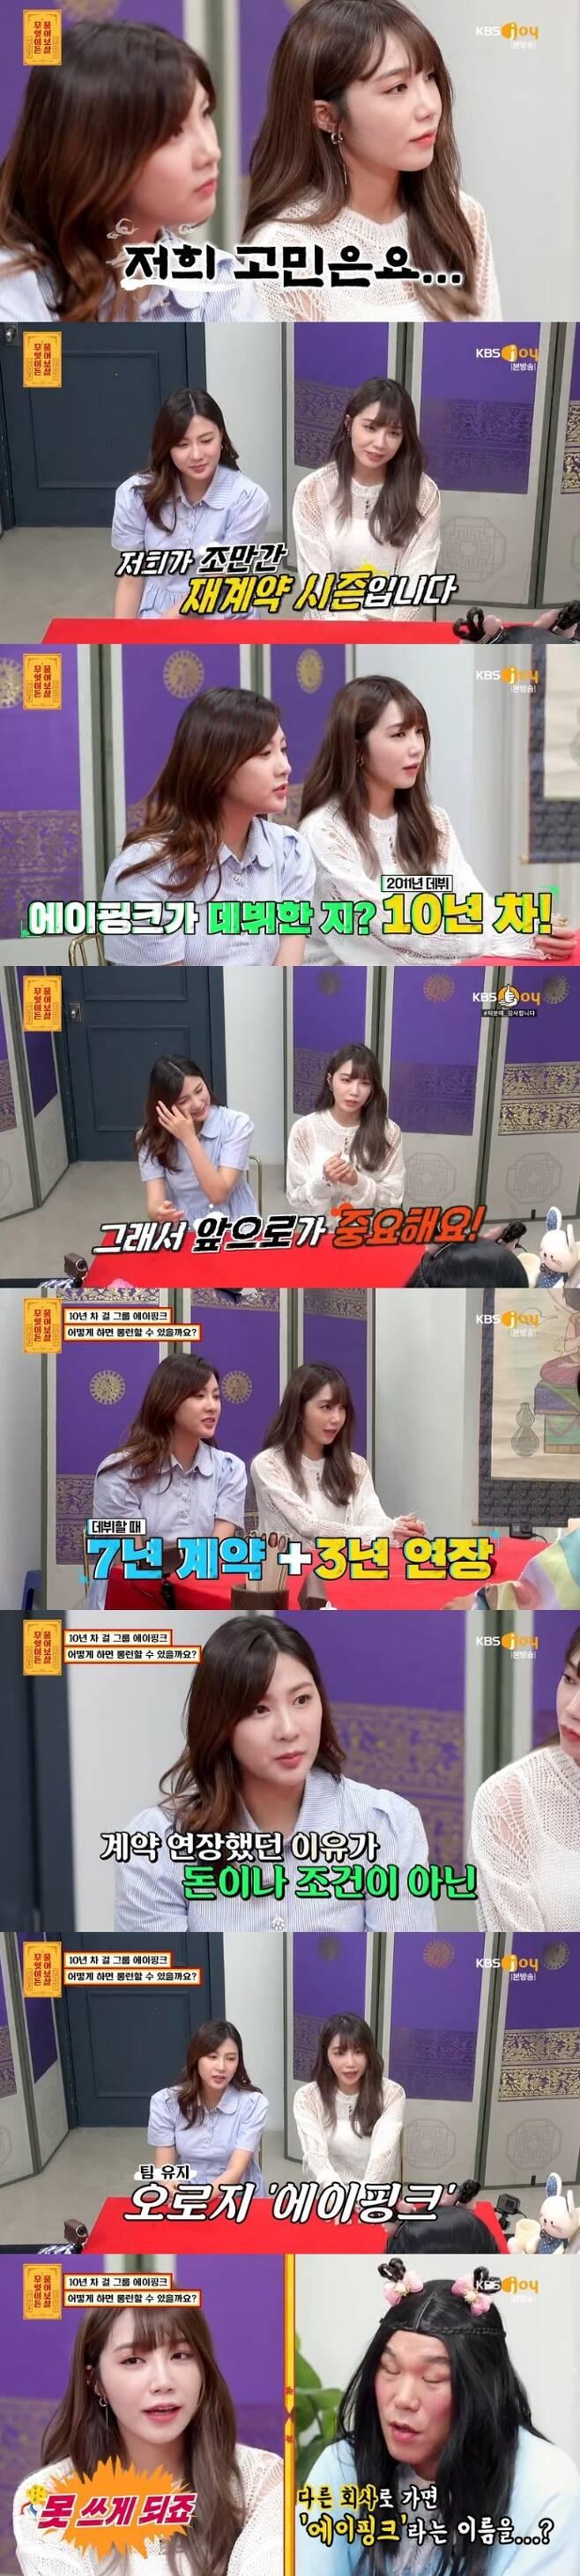 3일 방송된 KBS Joy 예능 프로그램 '무엇이든 물어보살'에서는 걸그룹 에이핑크 멤버 정은지와 오하영이 출연해 재계약을 앞두고 고민을 털어놨다. 사진=KBS Joy '무엇이든 물어보살' 방송 캡처